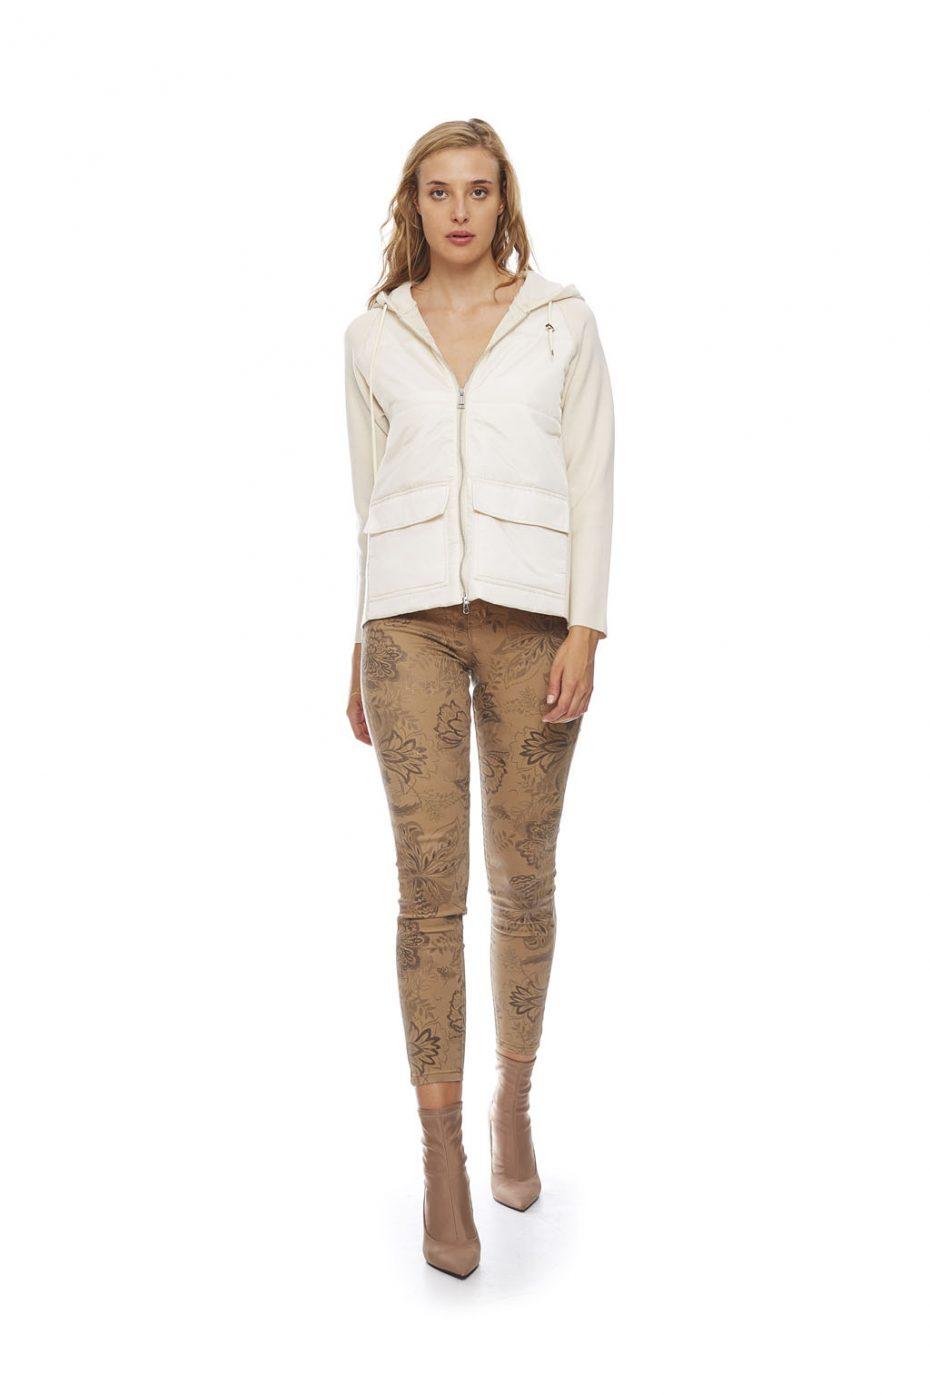 Pantalon estampado floral beige de VanDos